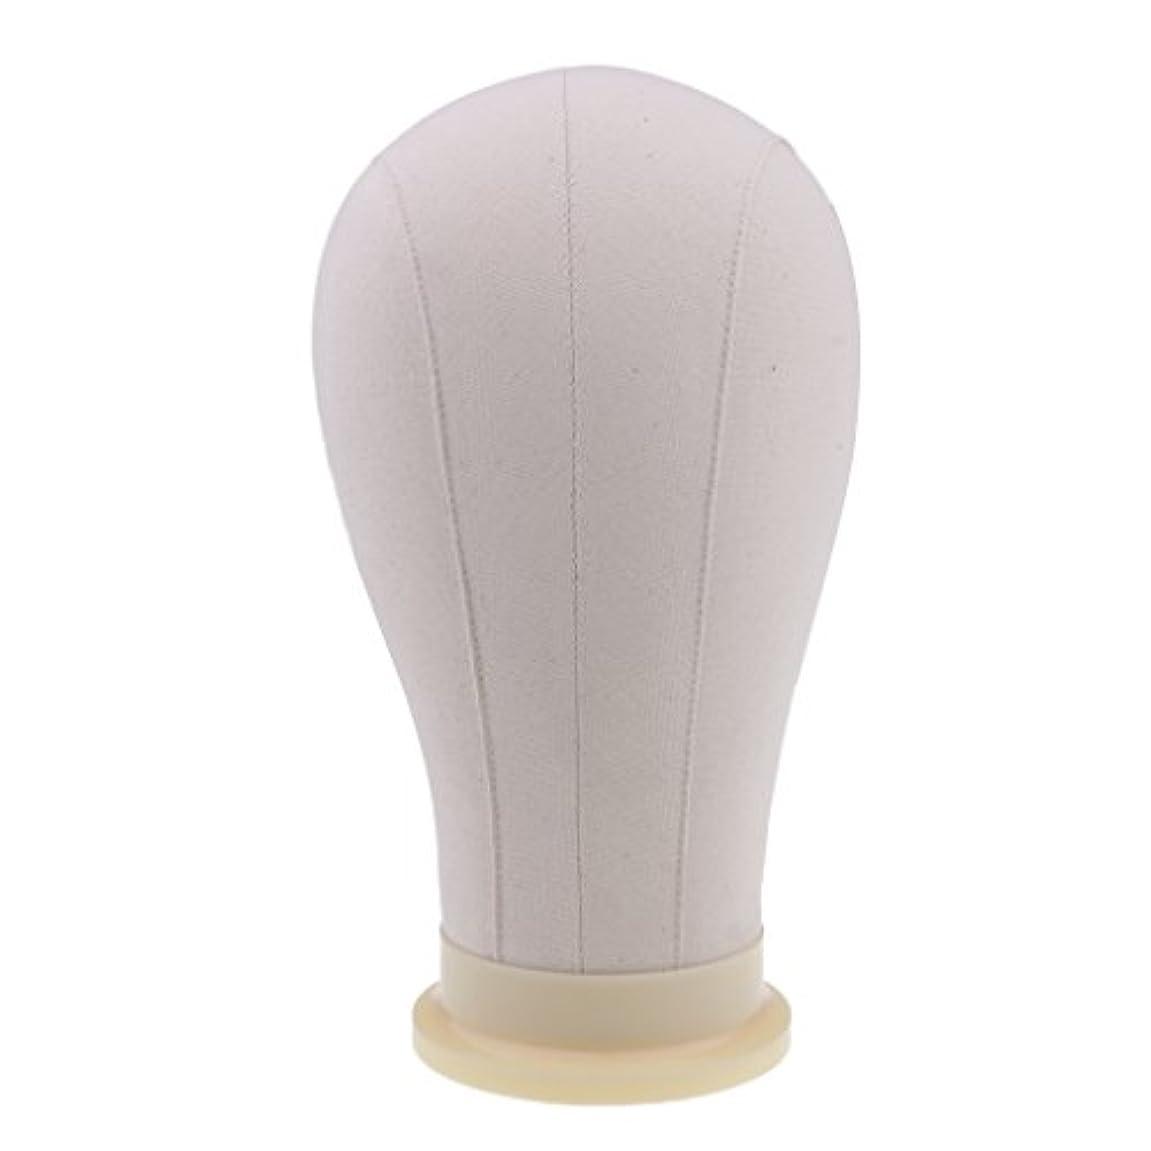 返済薬局永続Toygogo マネキンヘッド ディスプレイ 頭部モデル かつら 帽子 メガネ 展示 ホルダー 4サイズ - 23インチ